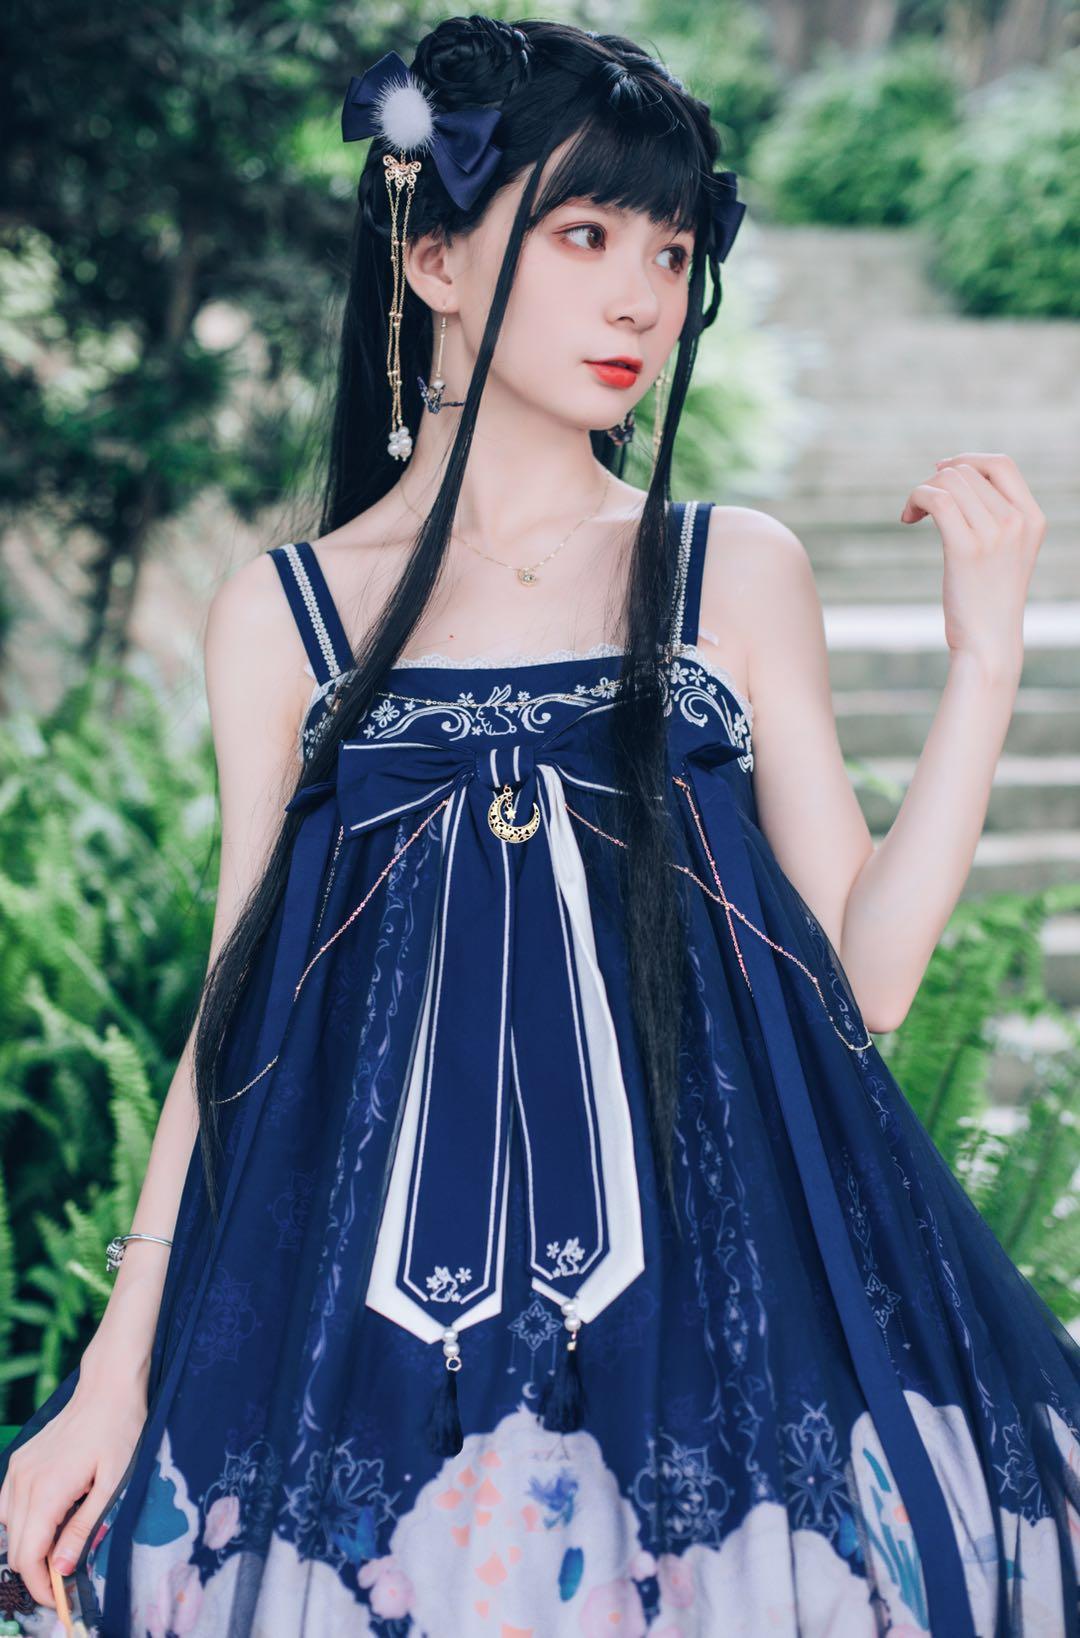 【現物】三花猫lolitaオクトキは絶版になりました。オクトキロリータスカートの現物ページです。